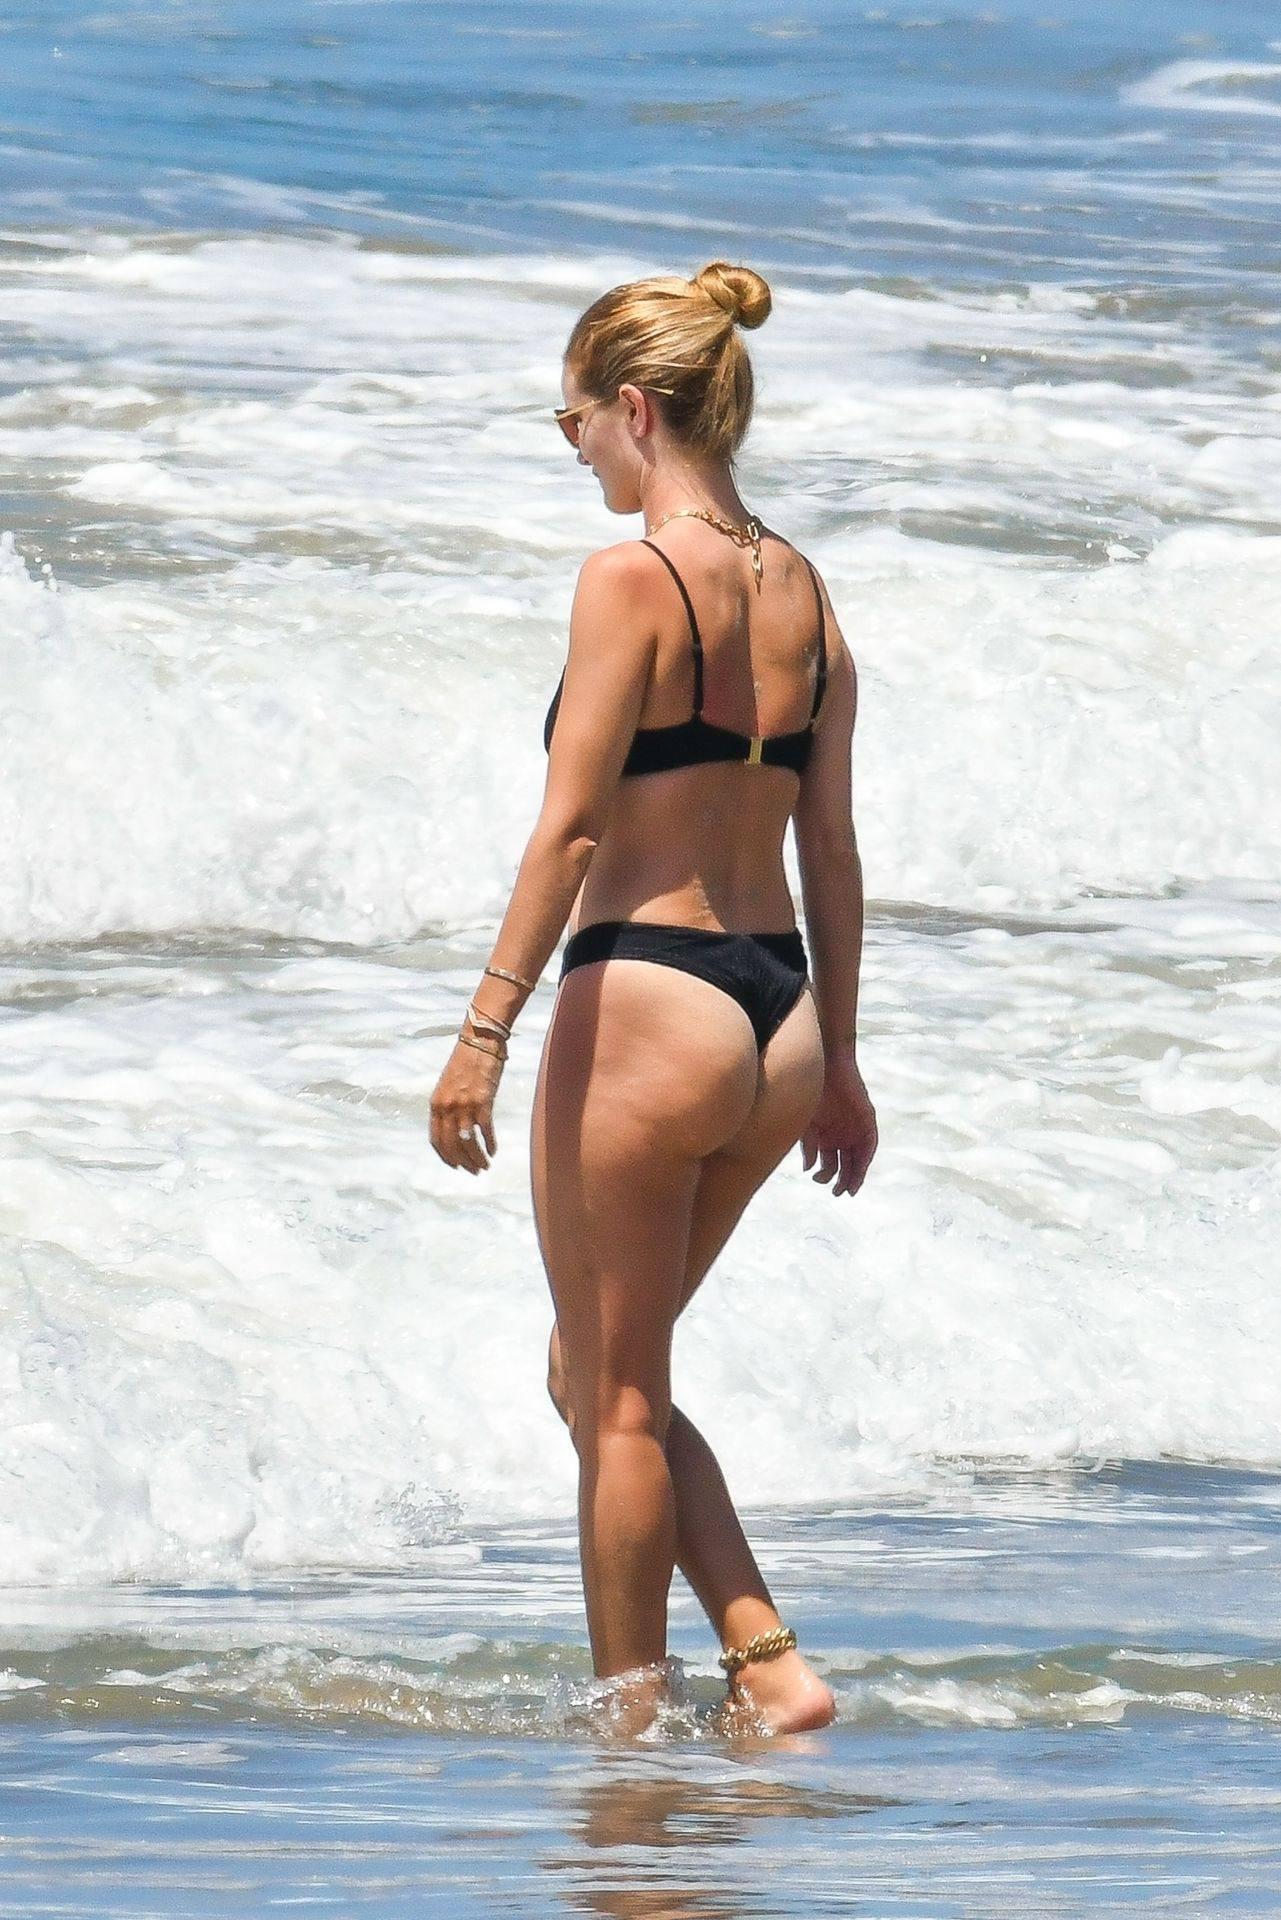 Rosie Huntington Whiteley – Beautiful Ass In Thong Bikini In Malibu 0001